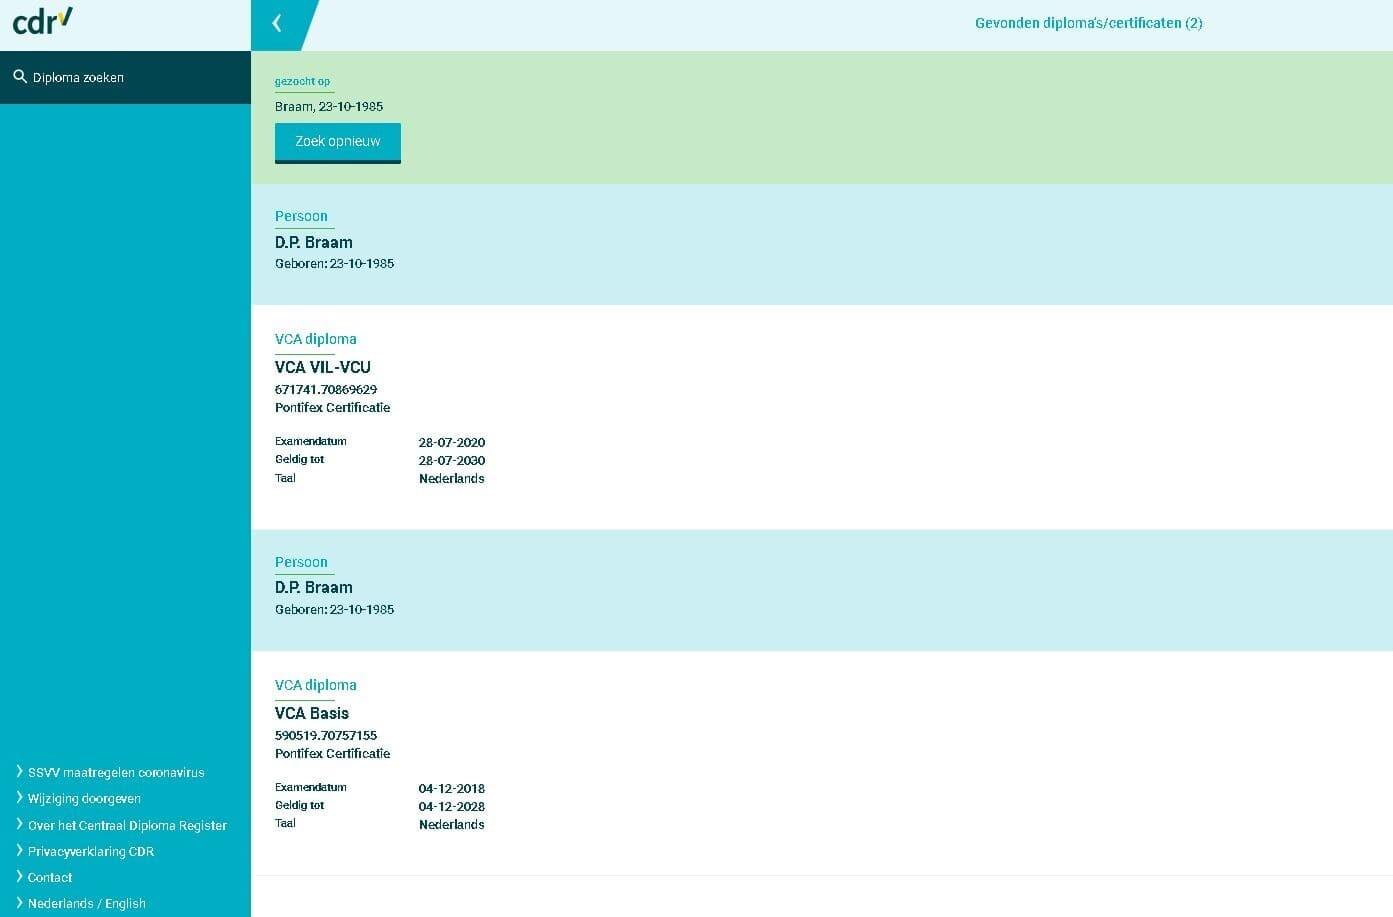 VCA Databank